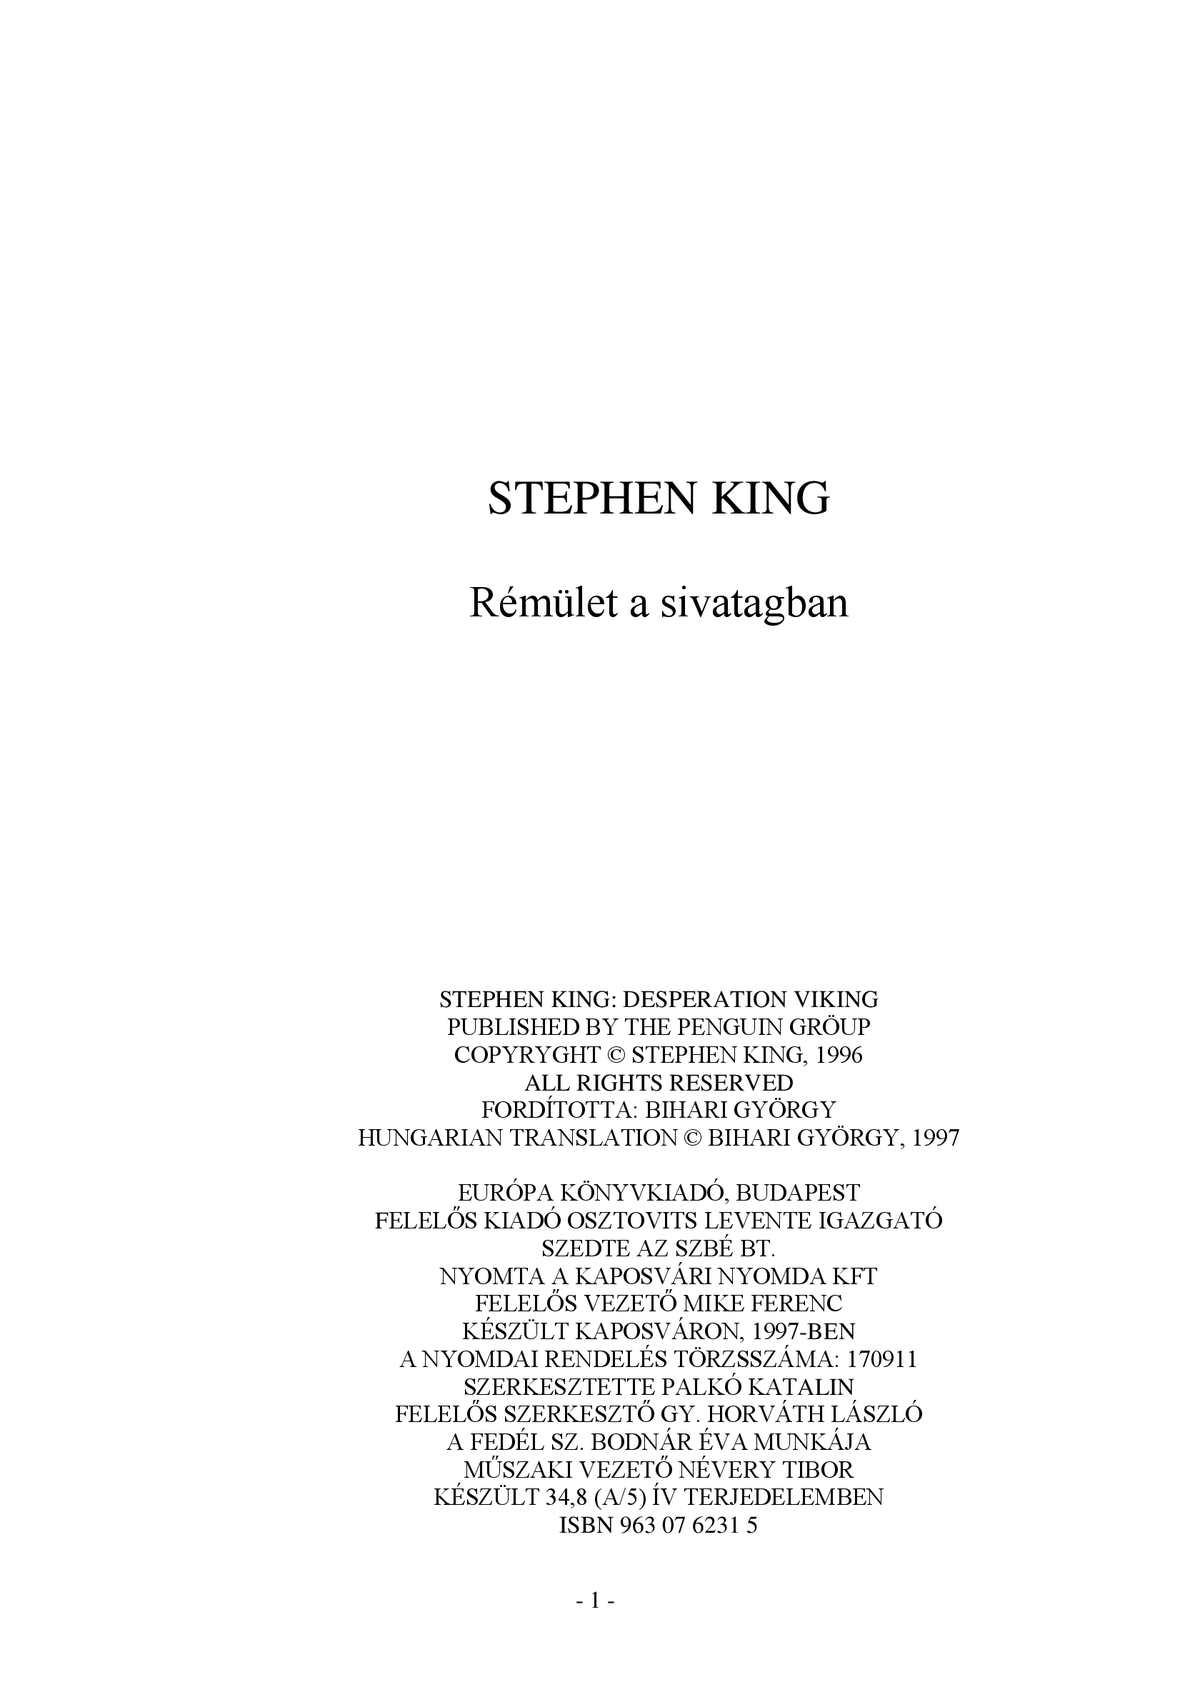 The Project Gutenberg eBook of Megtörtént regék by Mór Jókai